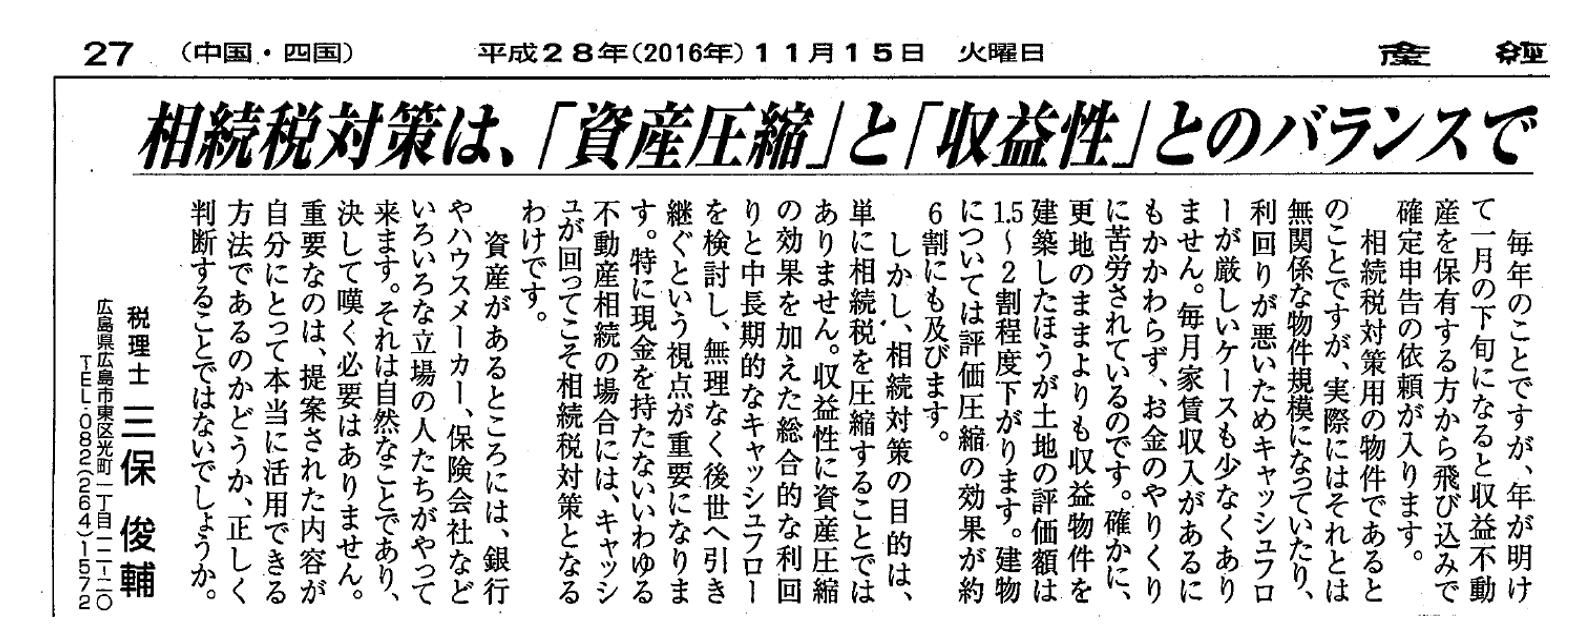 産経新聞_相続税対策は、「資産圧縮」と「収益性」とのバランスで